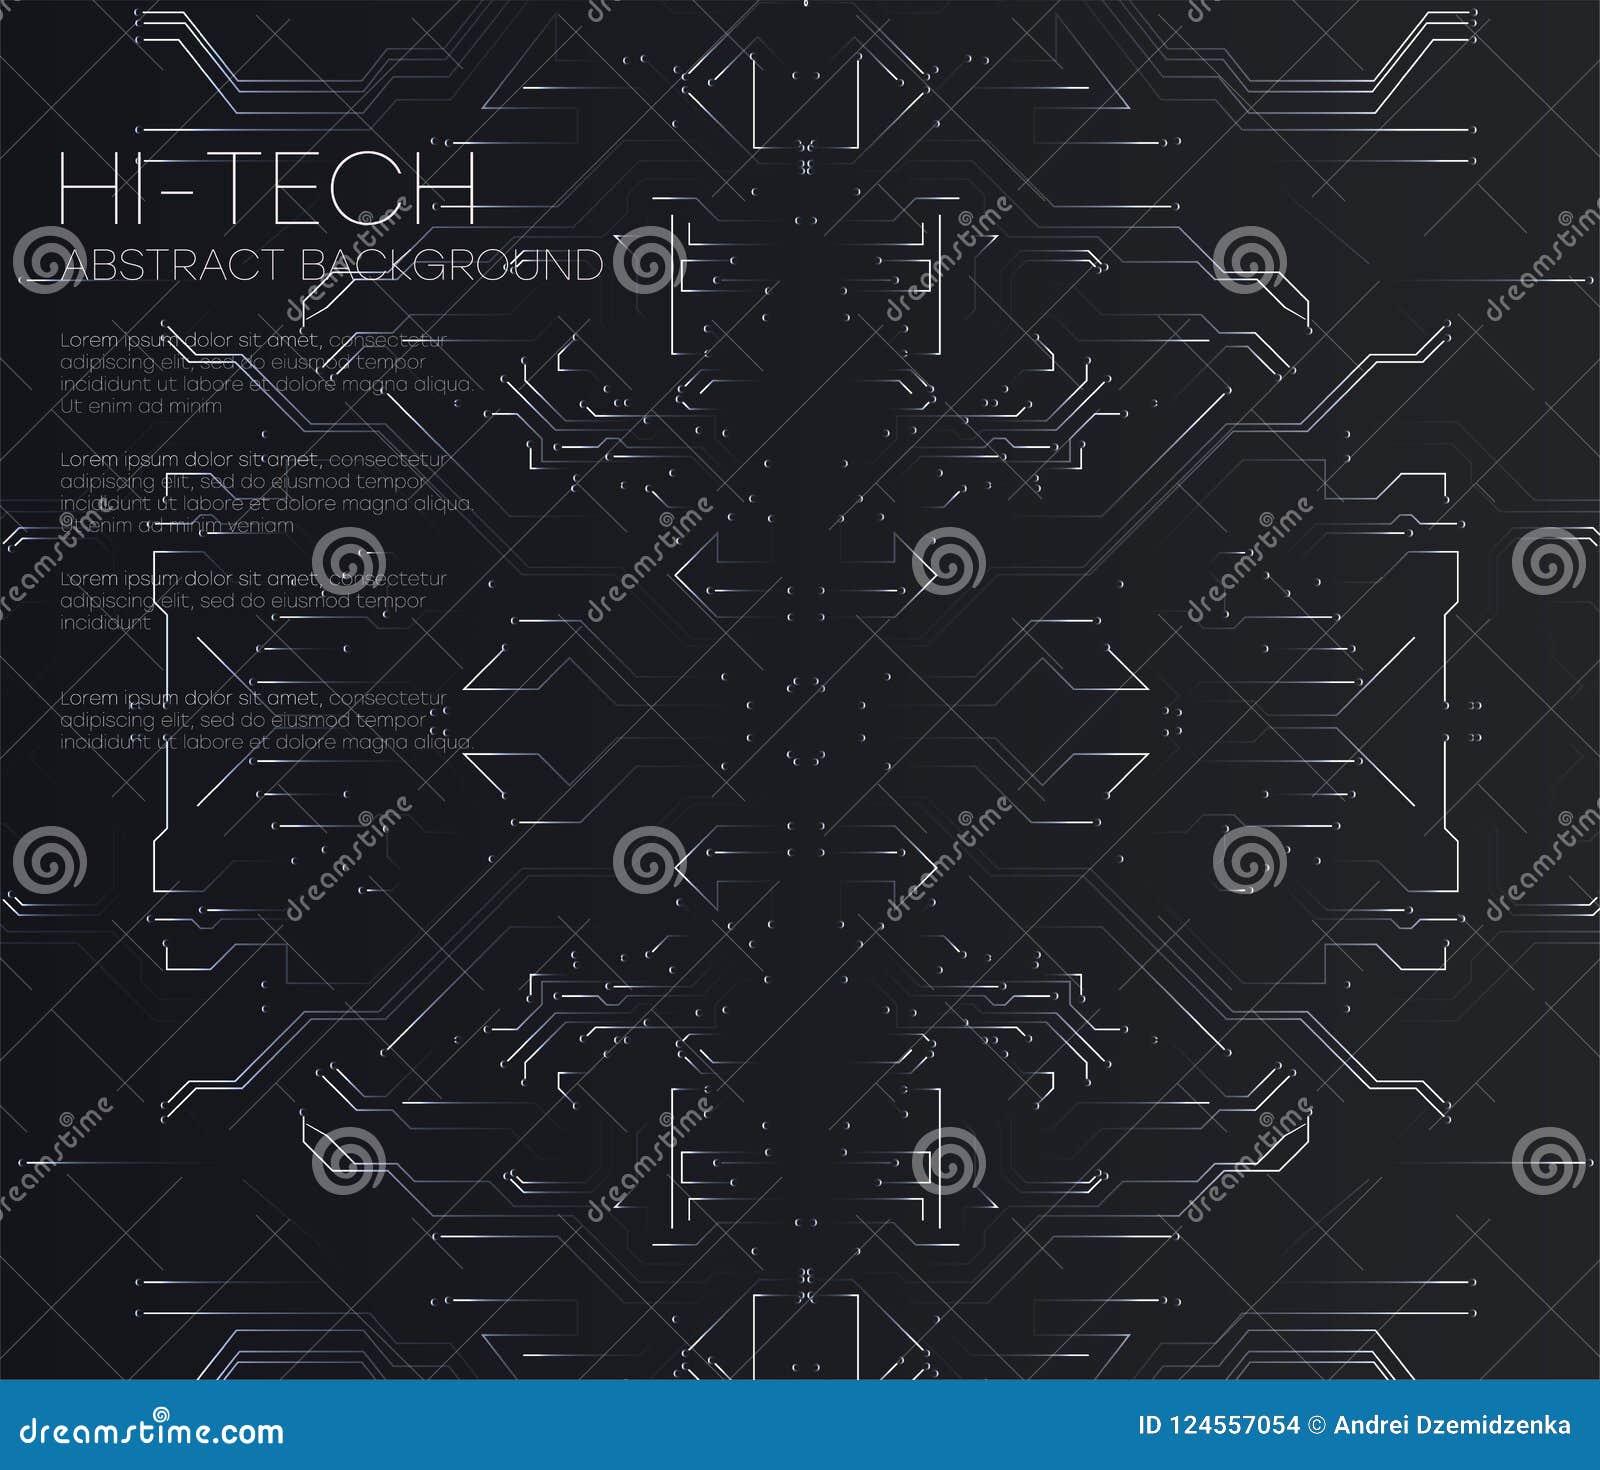 Διανυσματικός αφηρημένος φουτουριστικός πίνακας κυκλωμάτων, απεικόνισης υψηλό υπολογιστών υπόβαθρο χρώματος τεχνολογίας σκοτεινό